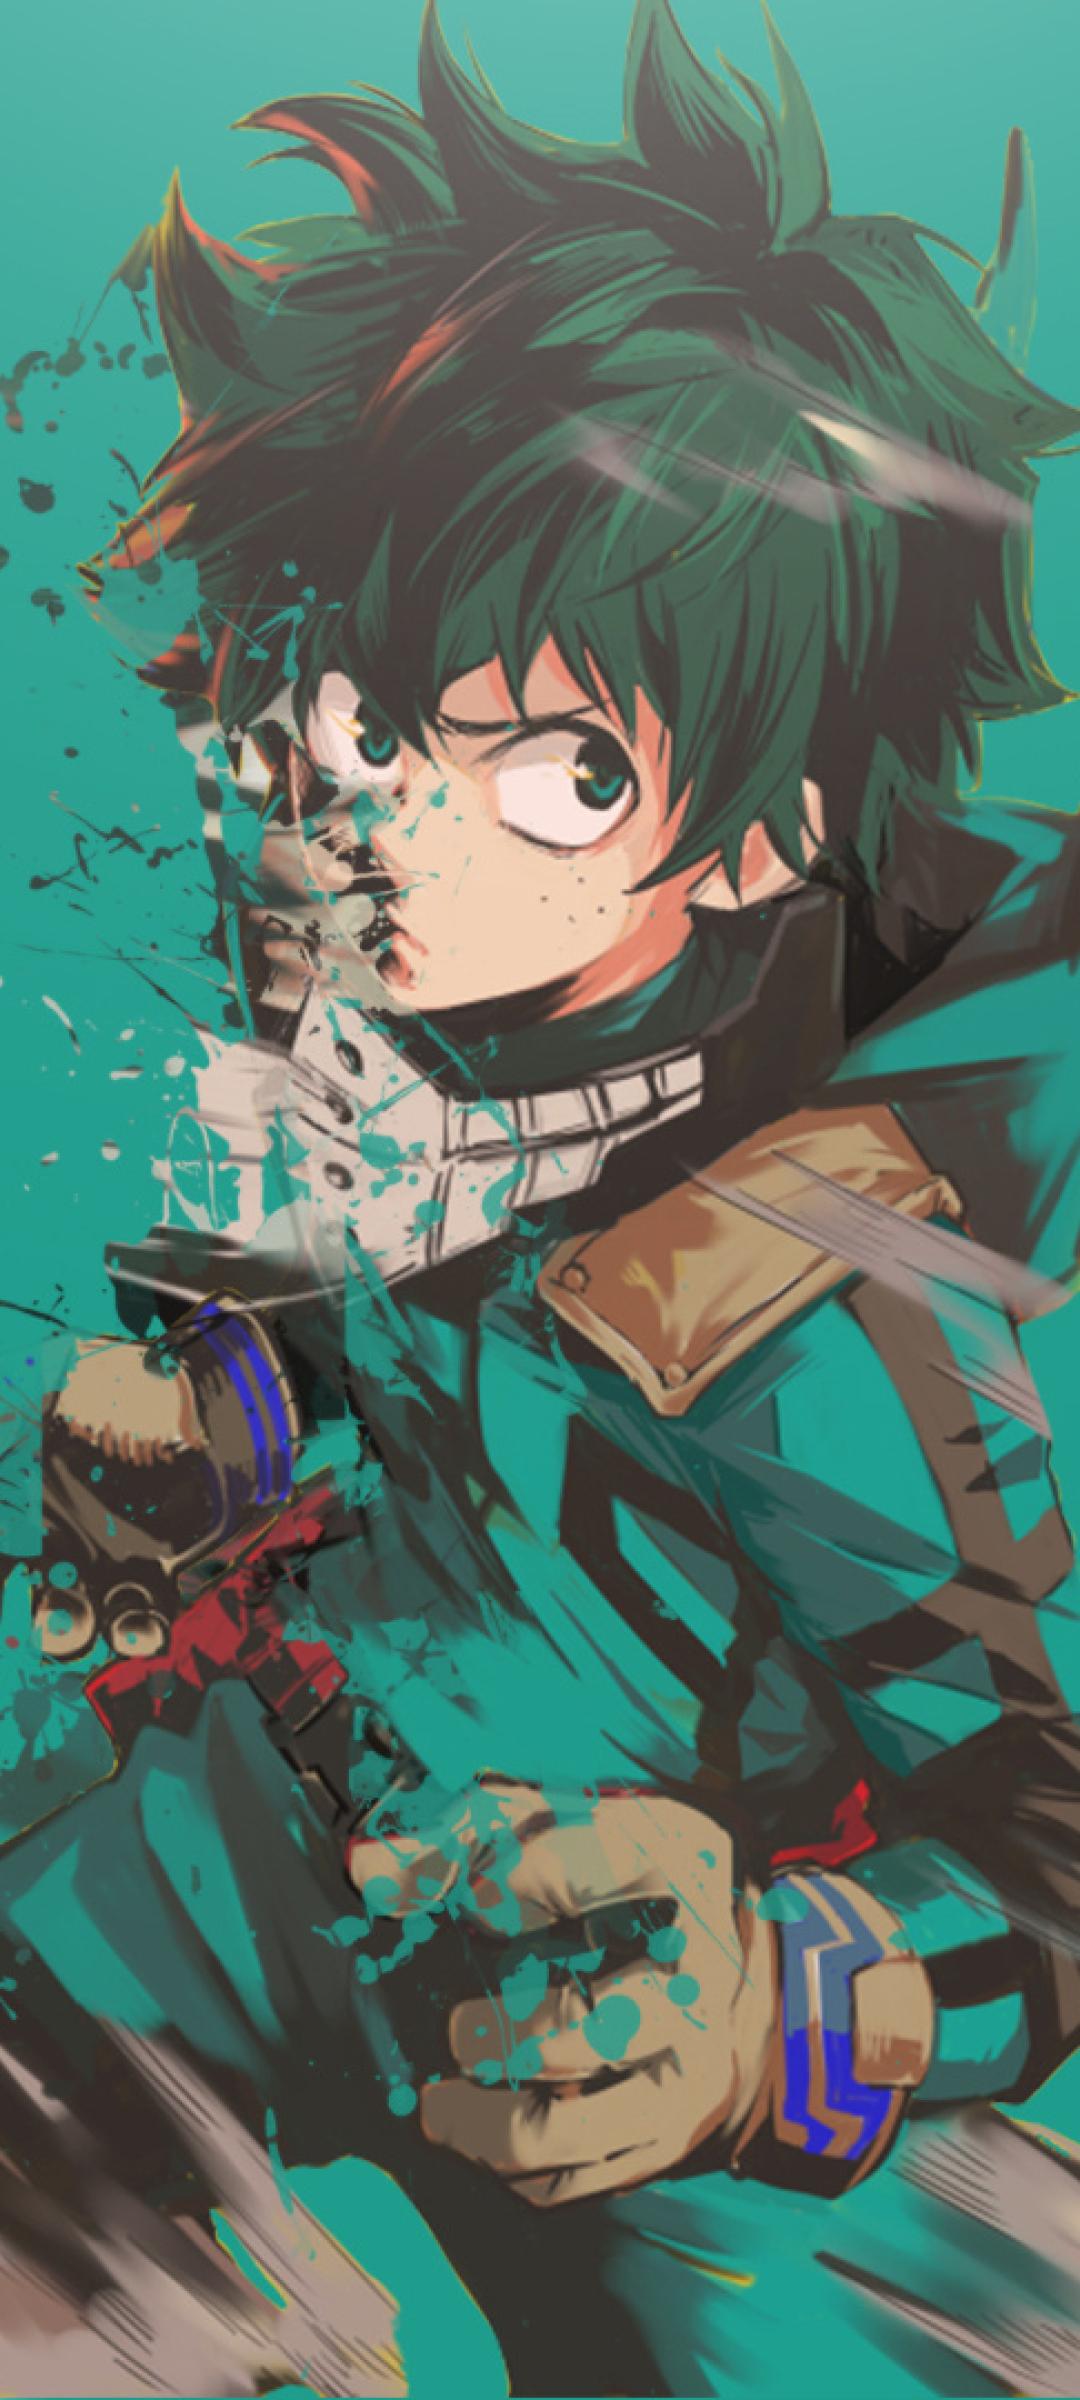 1080x2400 Boku No Hero Academia Midoriya Izuku Art 1080x2400